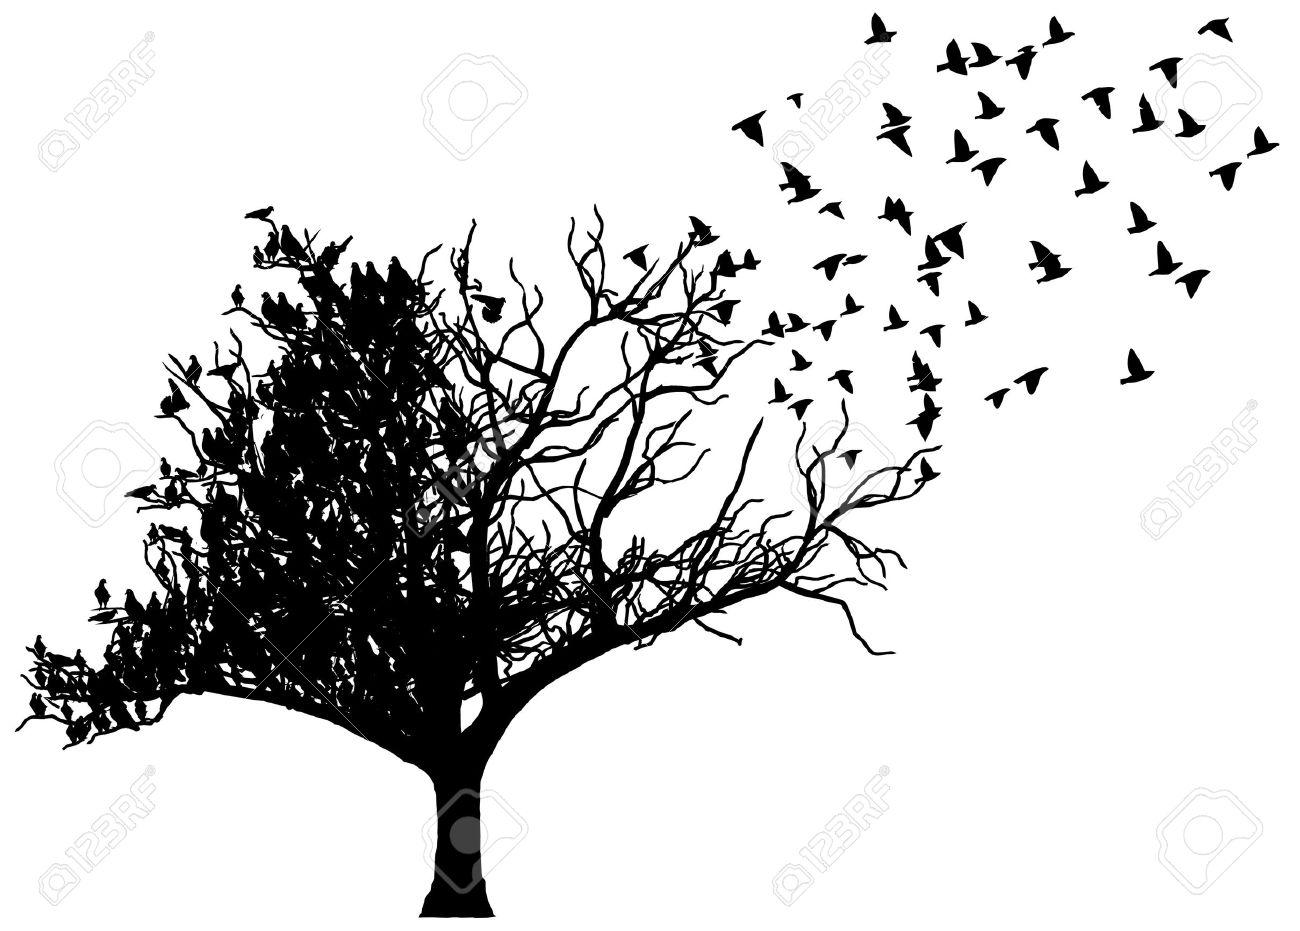 art tree birds - 14964492